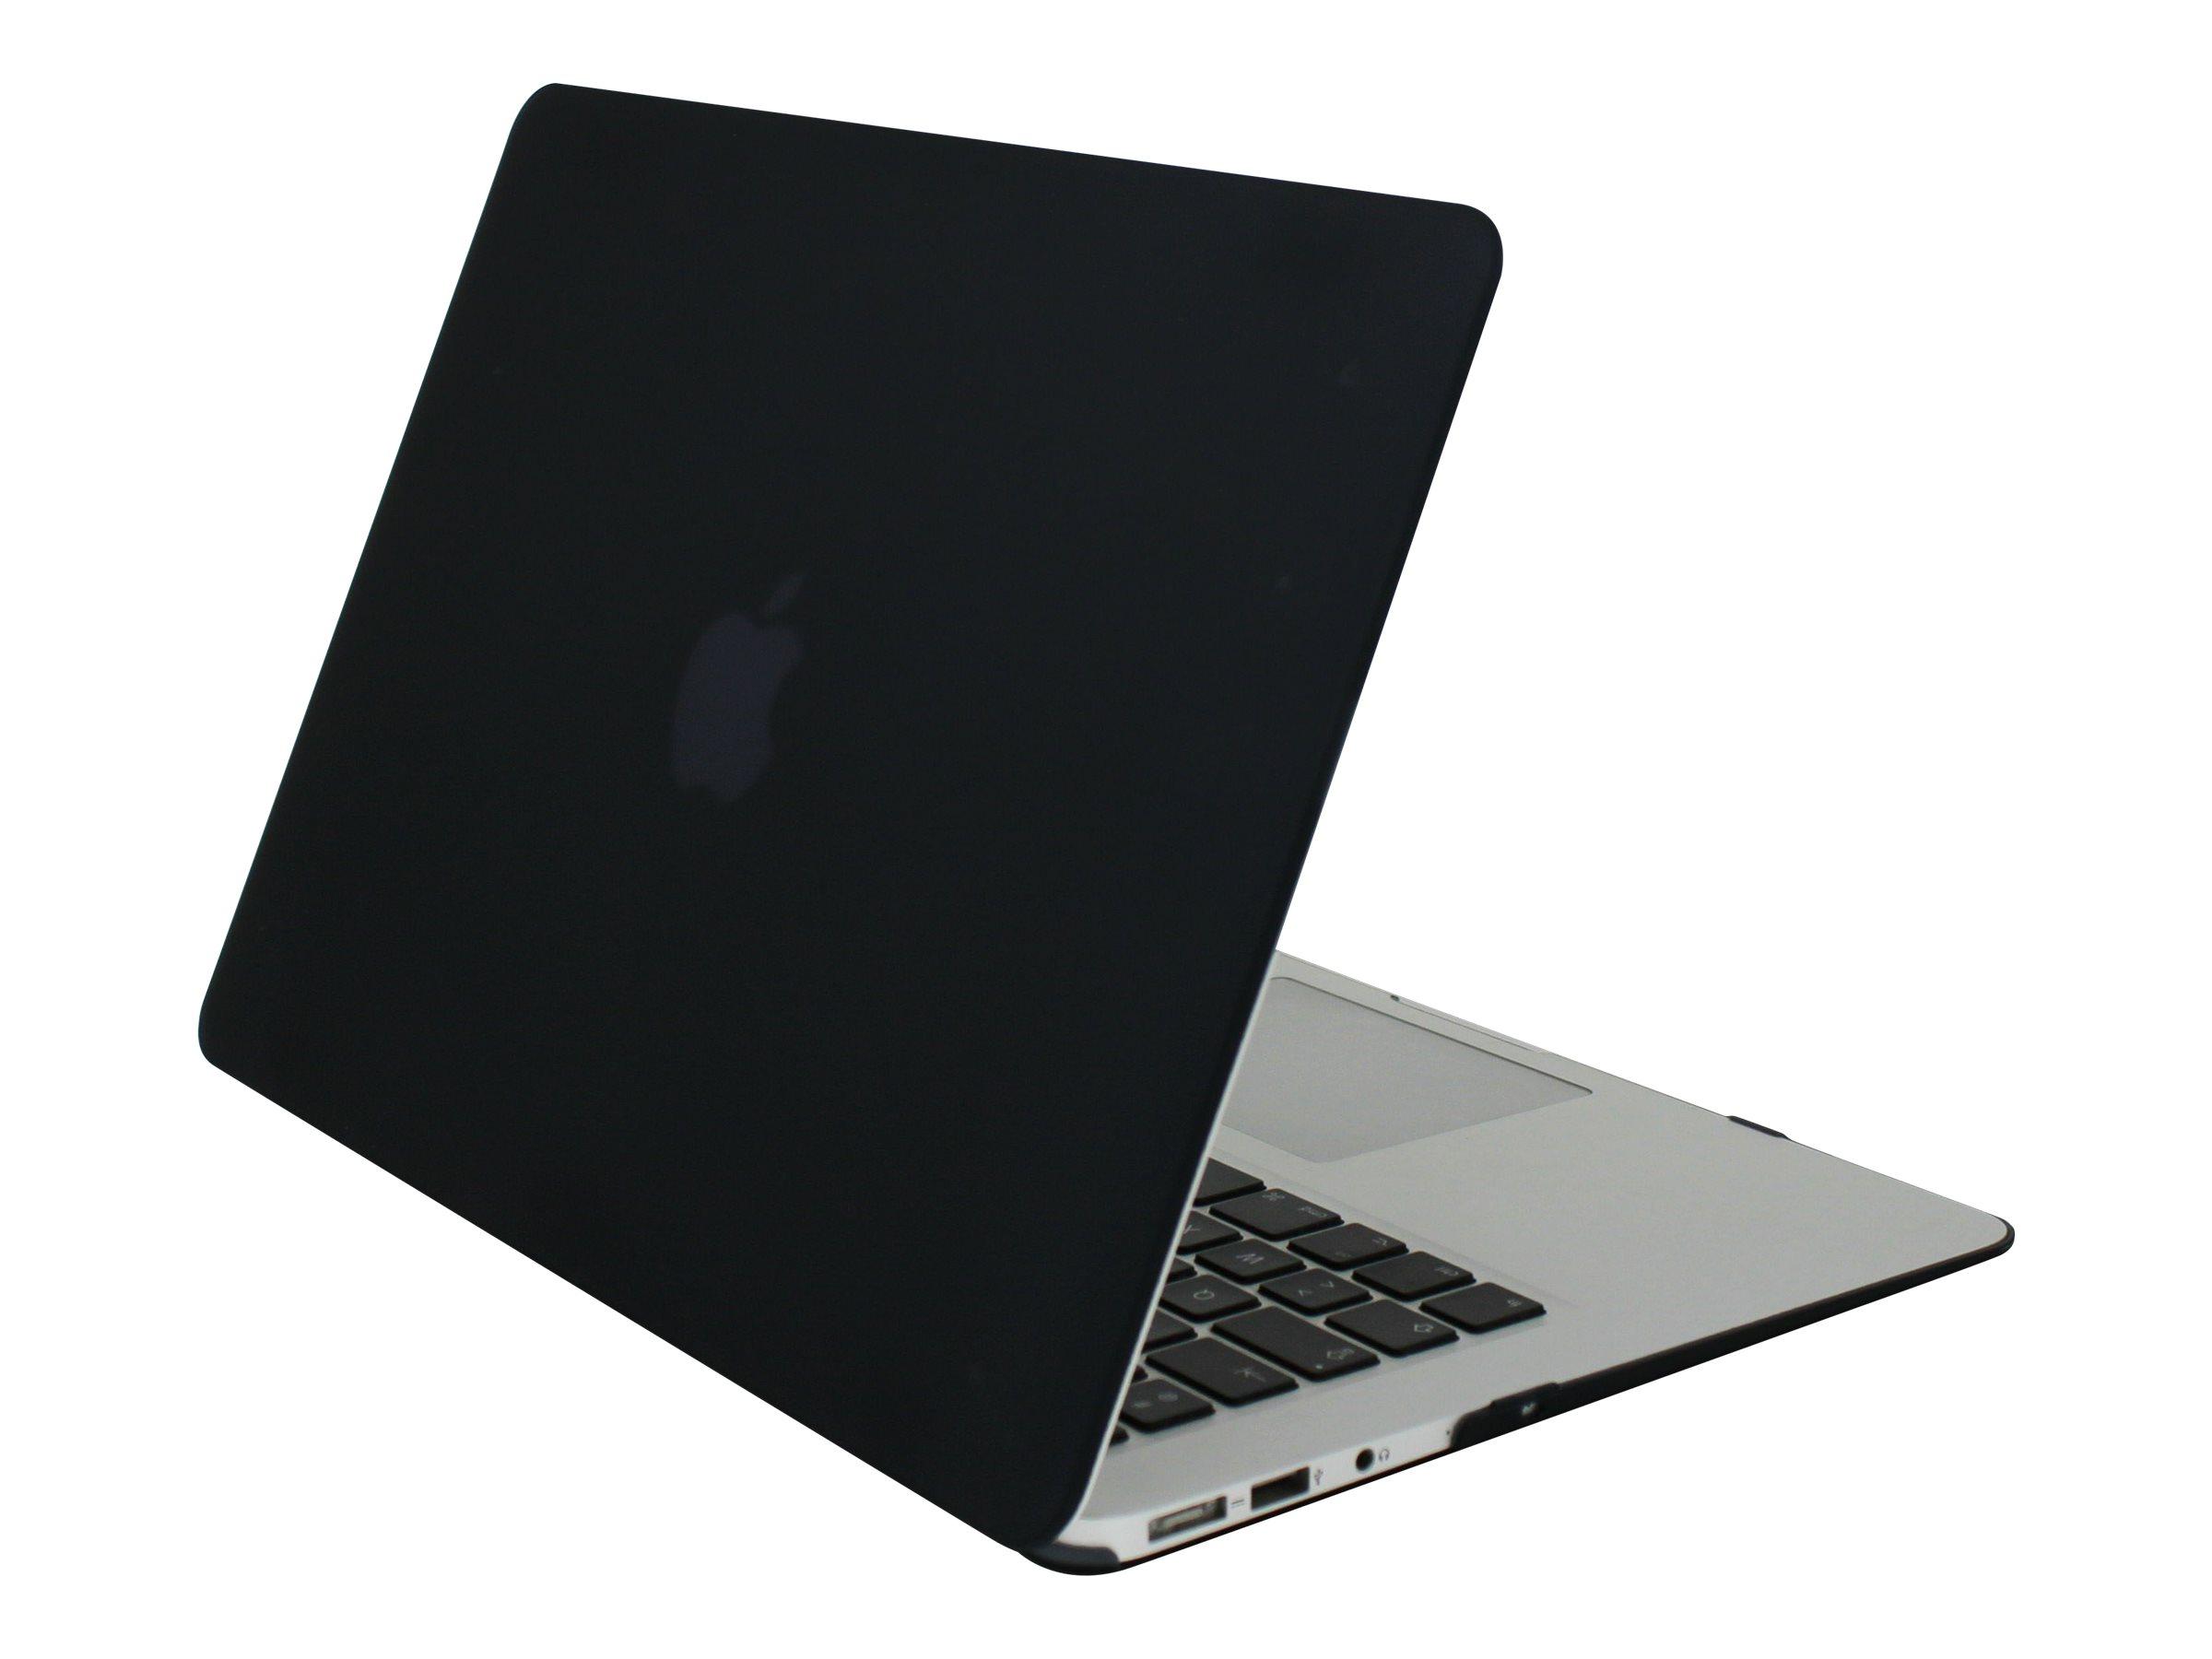 Apple MacBook Air - PC portable reconditionné 13.3'' - Core I5 5250U - 4 Go - 128 Go SSD - coque matte noir offerte